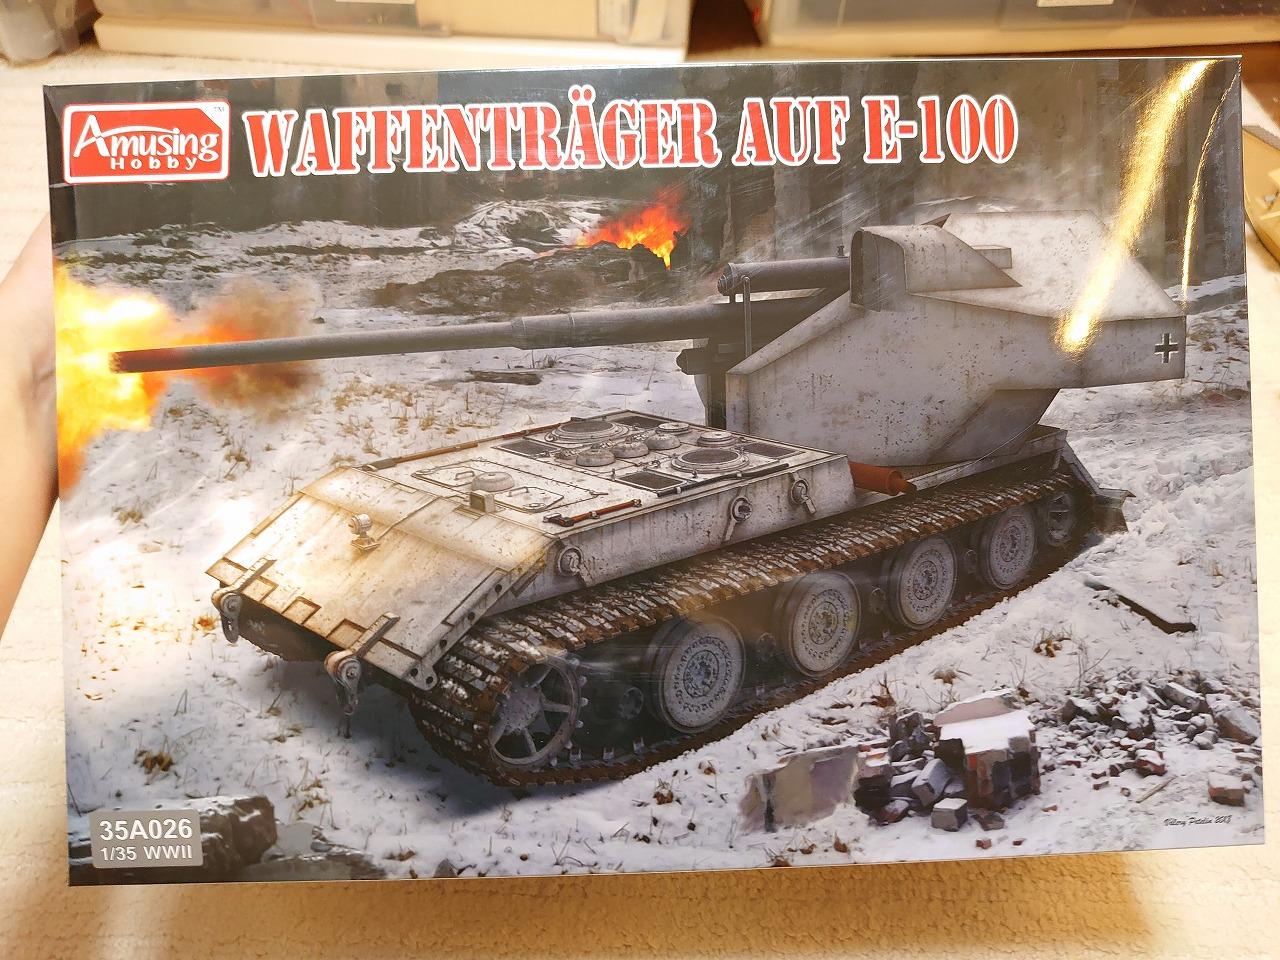 【最近購入した物】アミュージングホビー 1/35 ドイツ軍 ヴァッフェントレーガ AUF E-100とグランドパワー2020年9月号